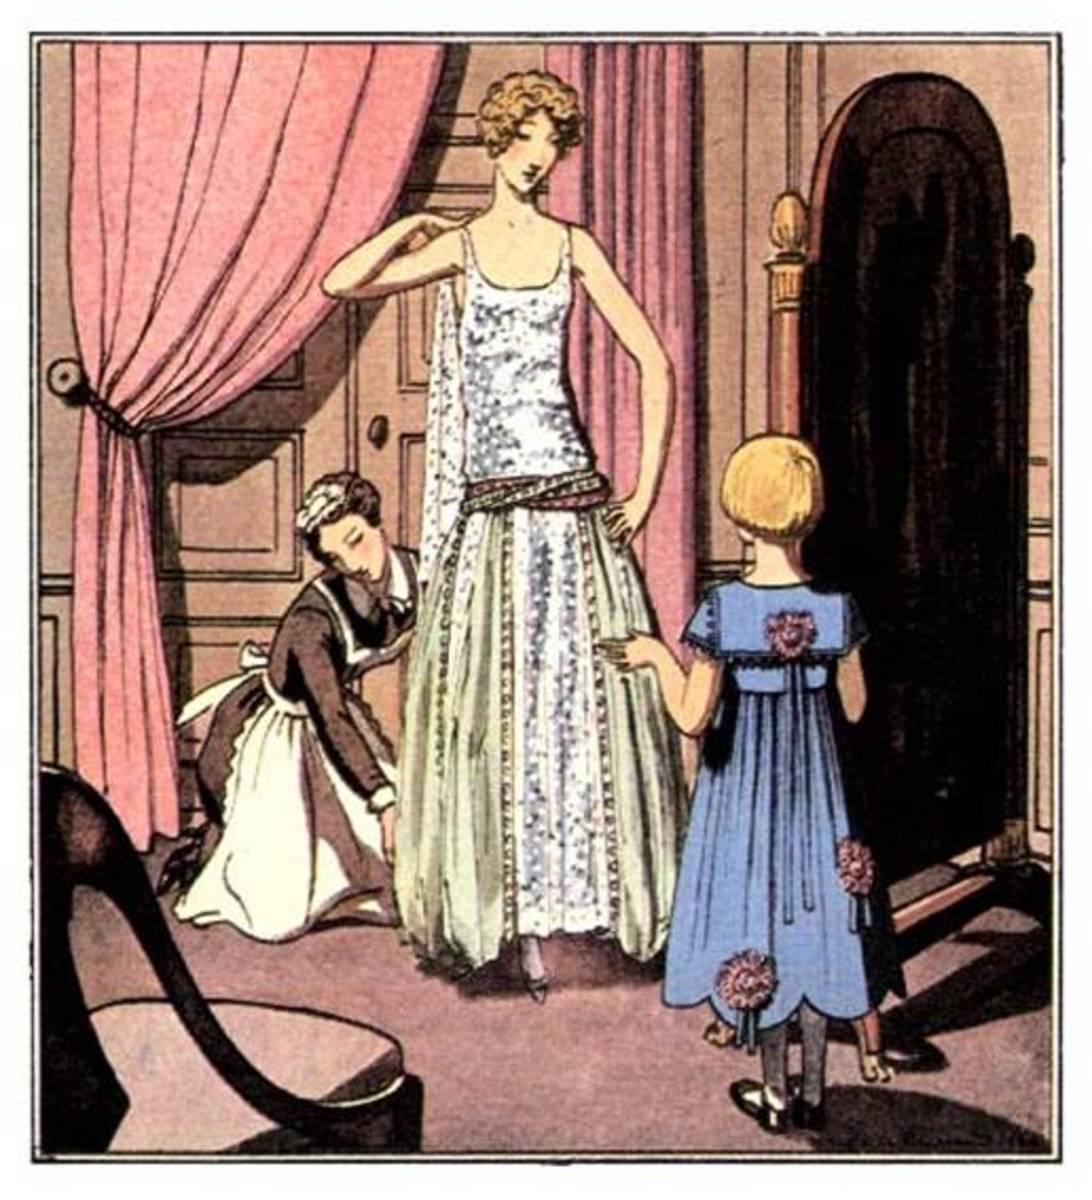 1920s Formal Wear Women 1920 evening dress - lavin